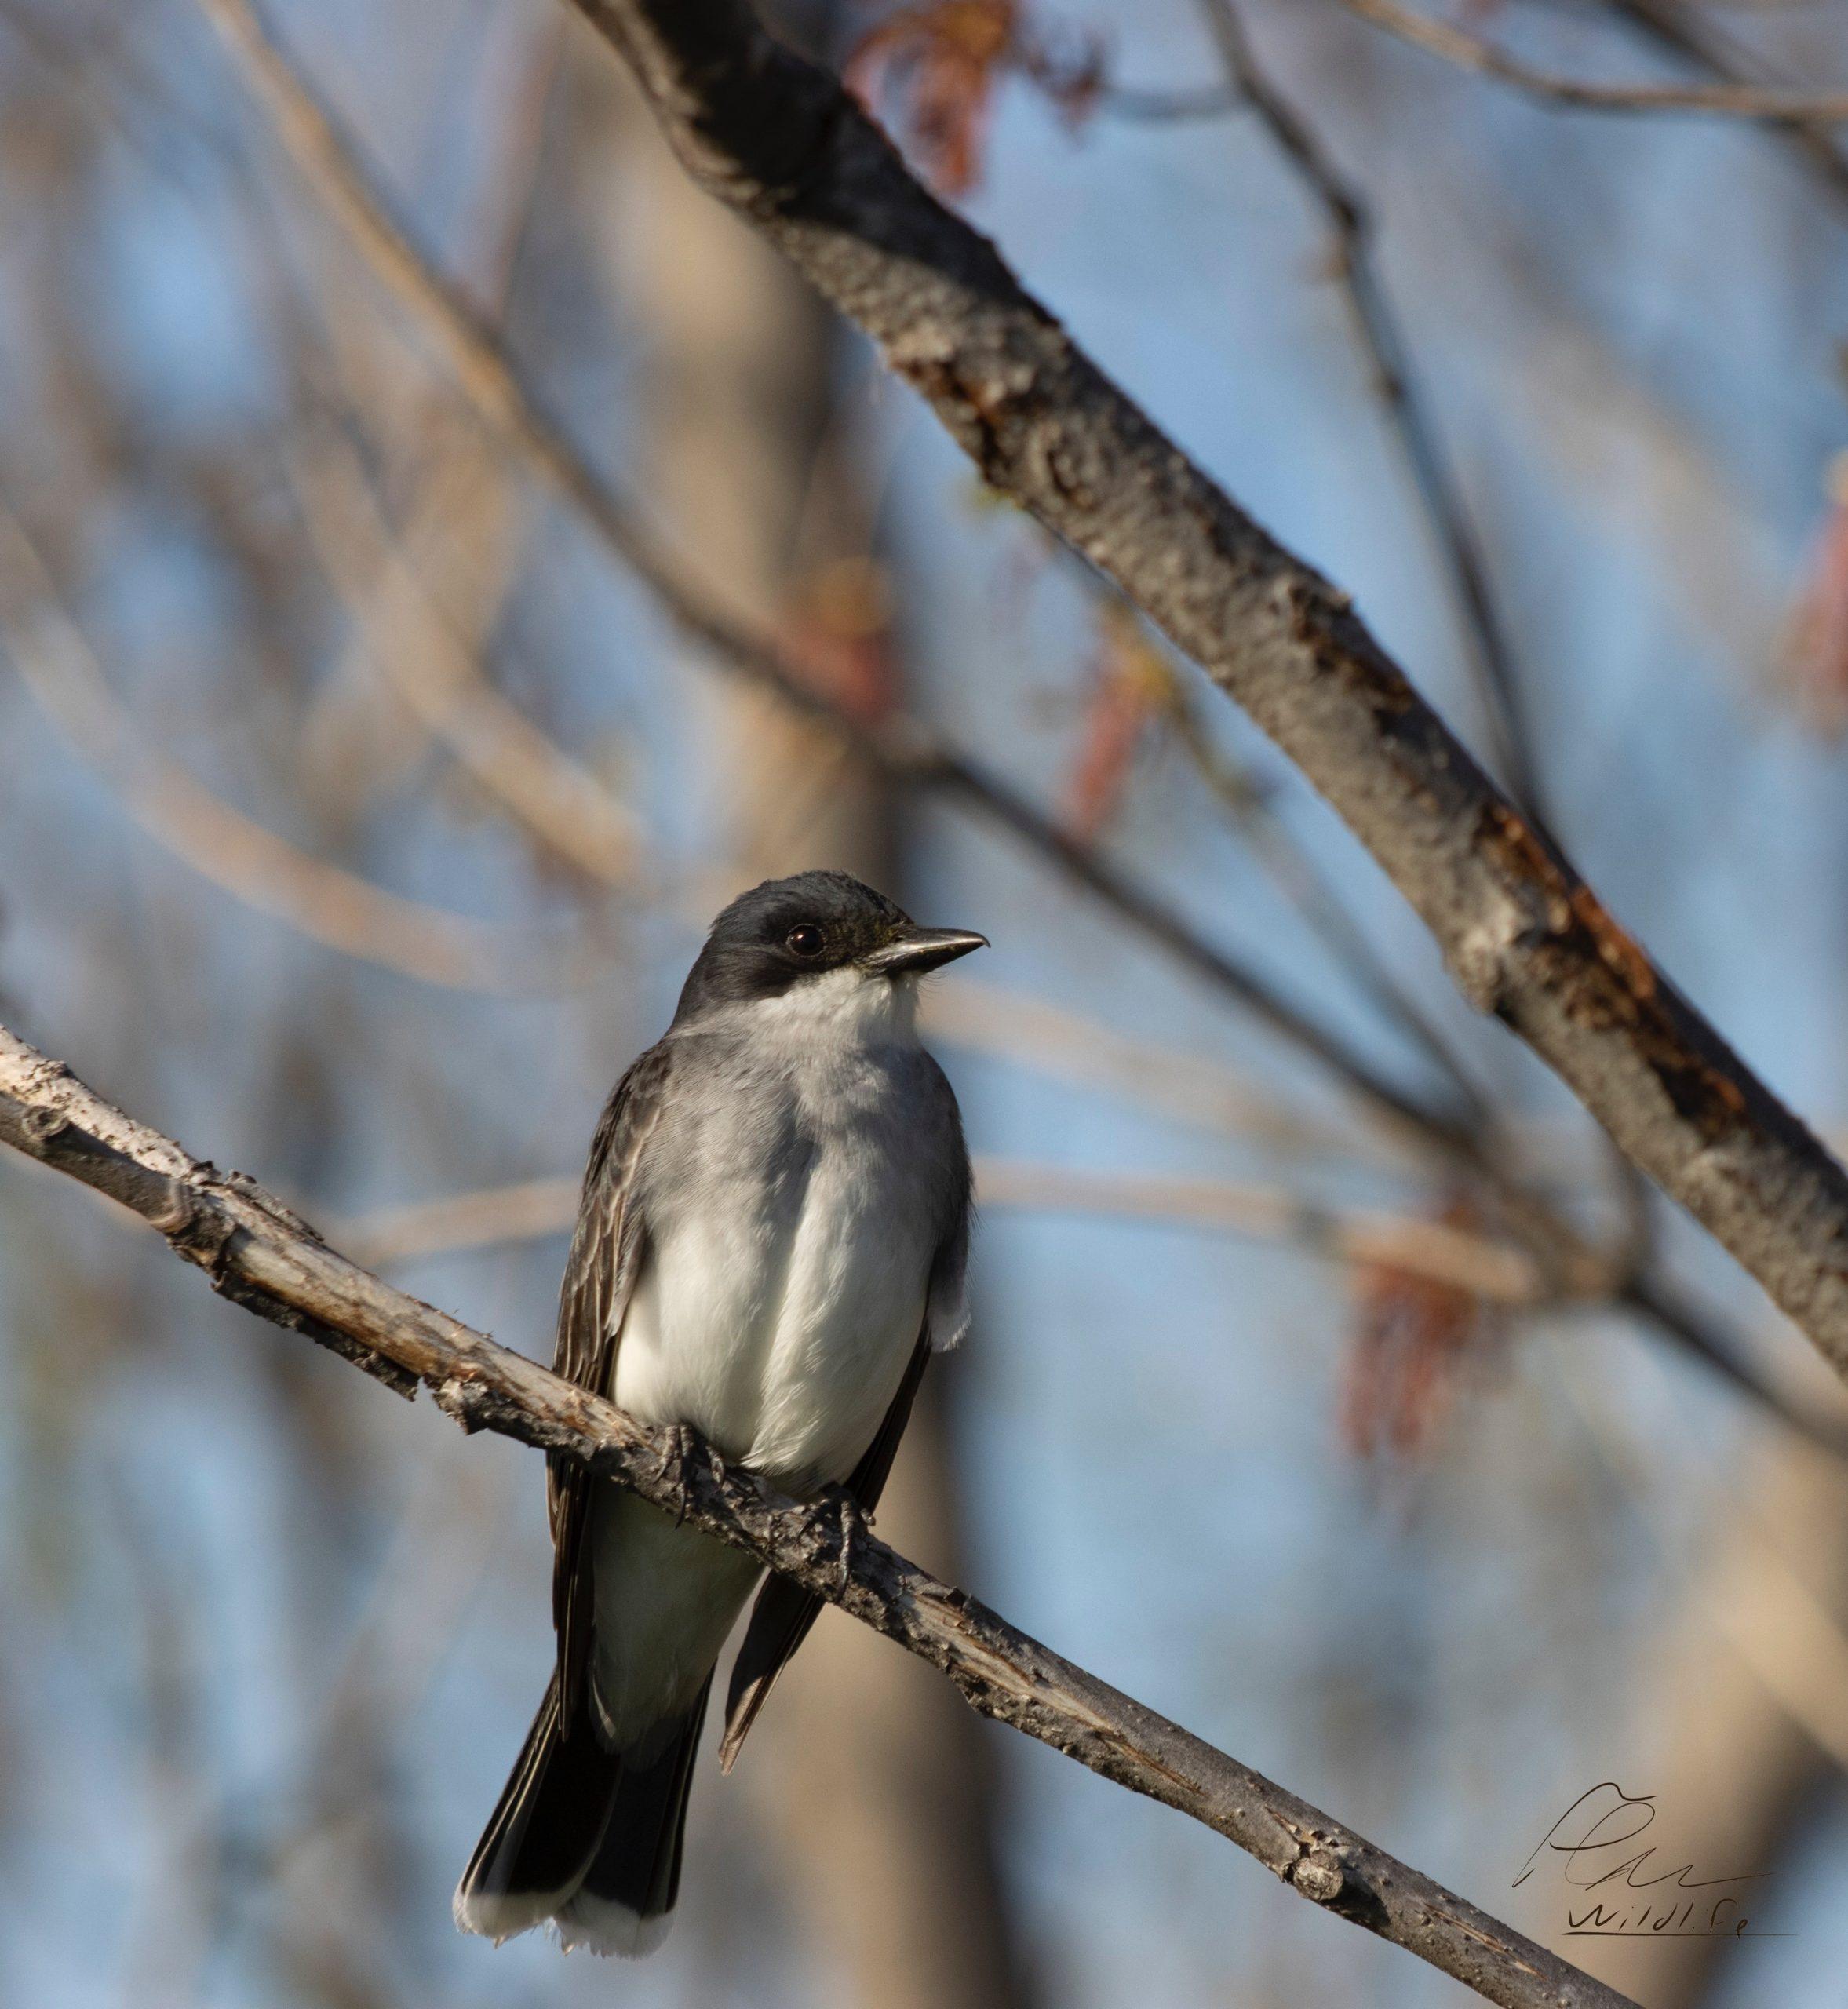 Le chant de ce bel oiseau noir et blanc lui a valu son nom : le tyran tritri. Il fréquente assidûment le marais Léon-Provancher où il y construit son nid.